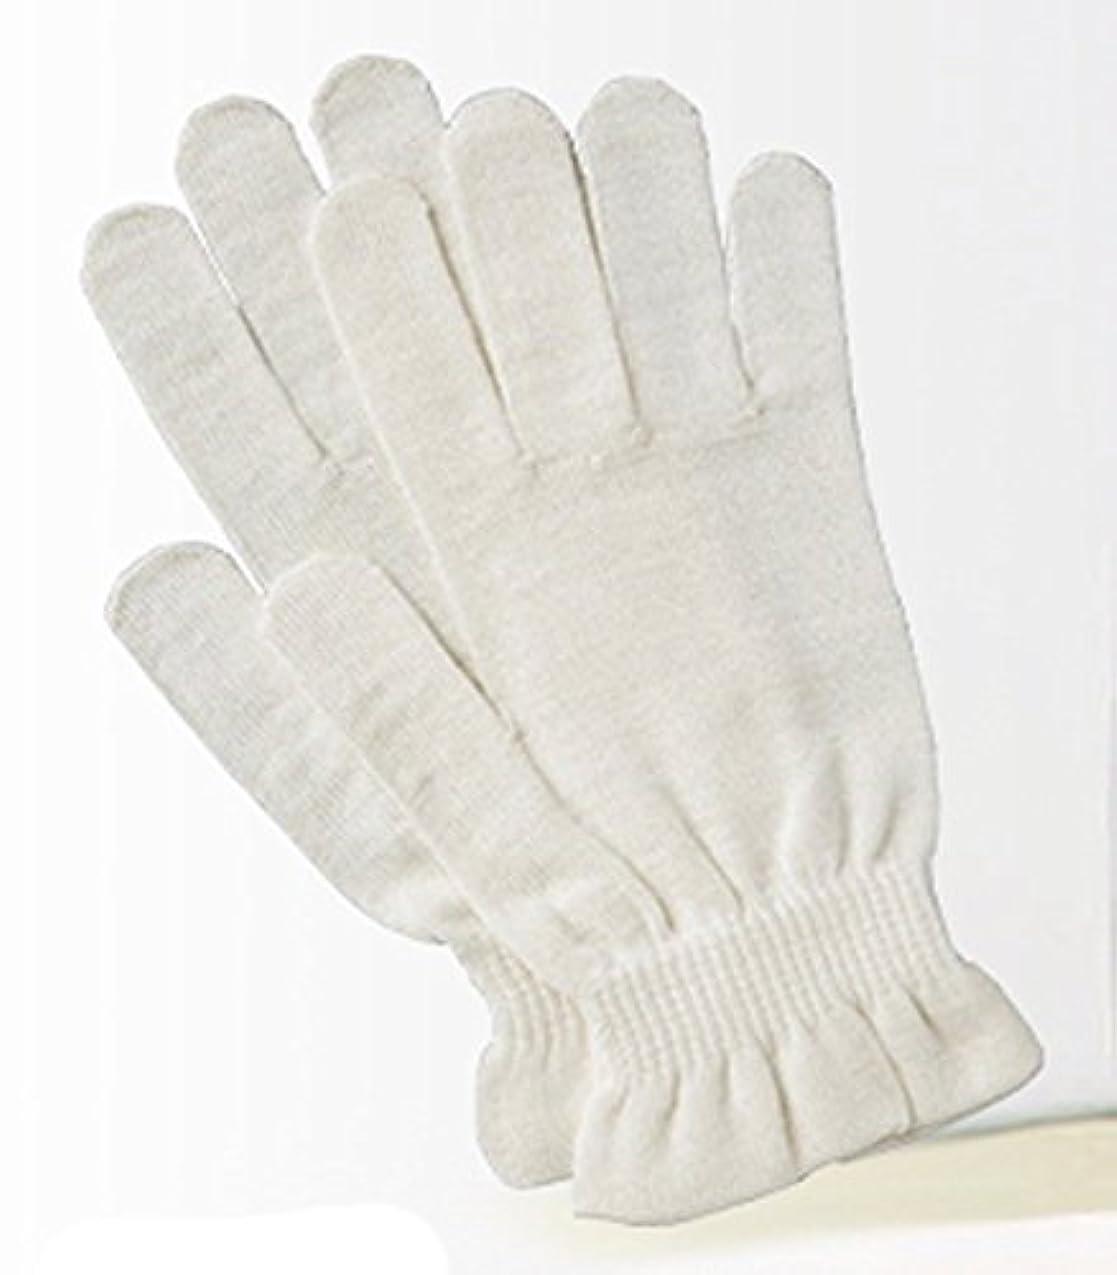 気づく方法論逆説京都西陣の絹糸屋さんのシルク手袋